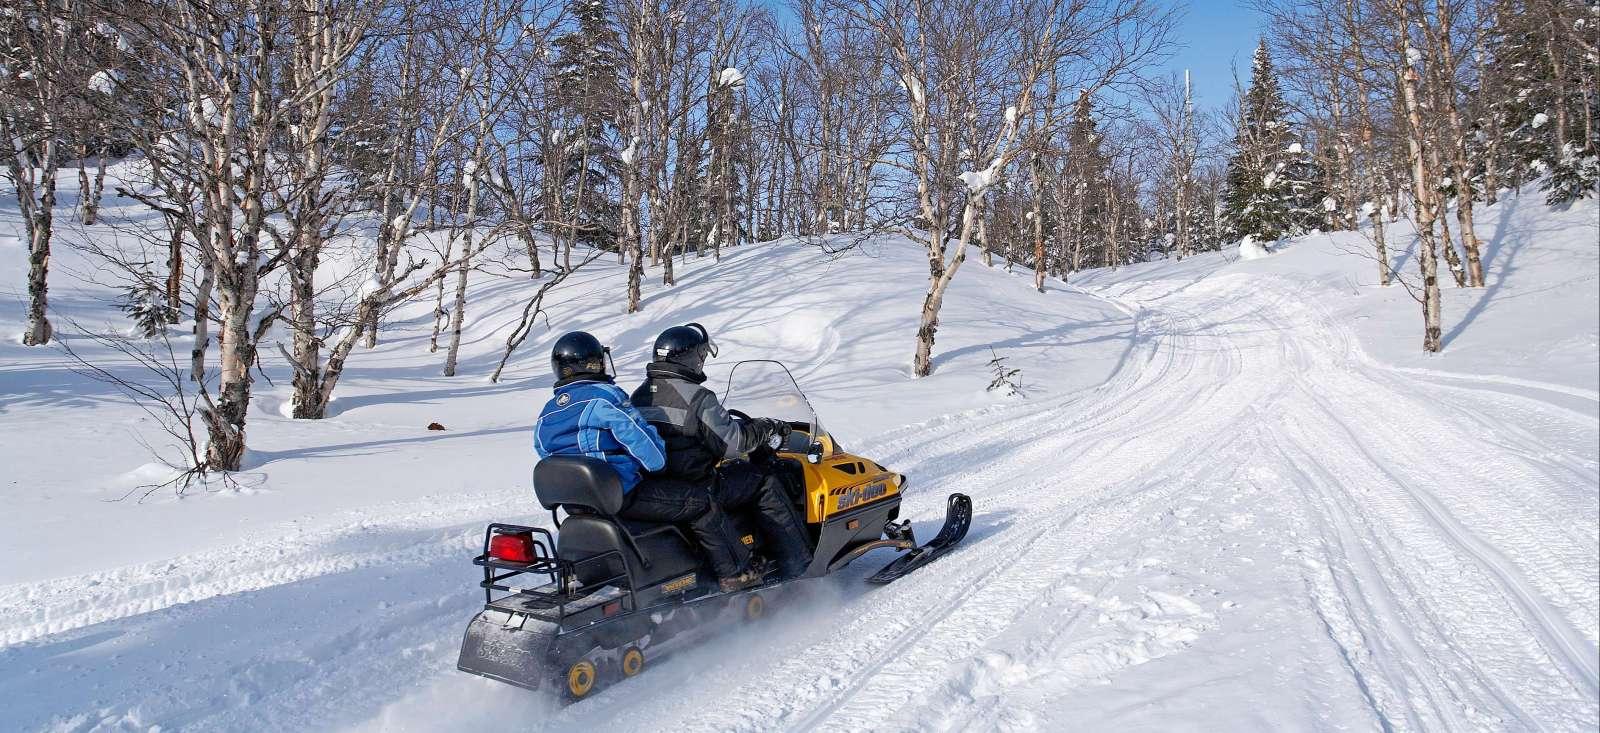 Voyage à la neige Canada : Attache ta tuque !